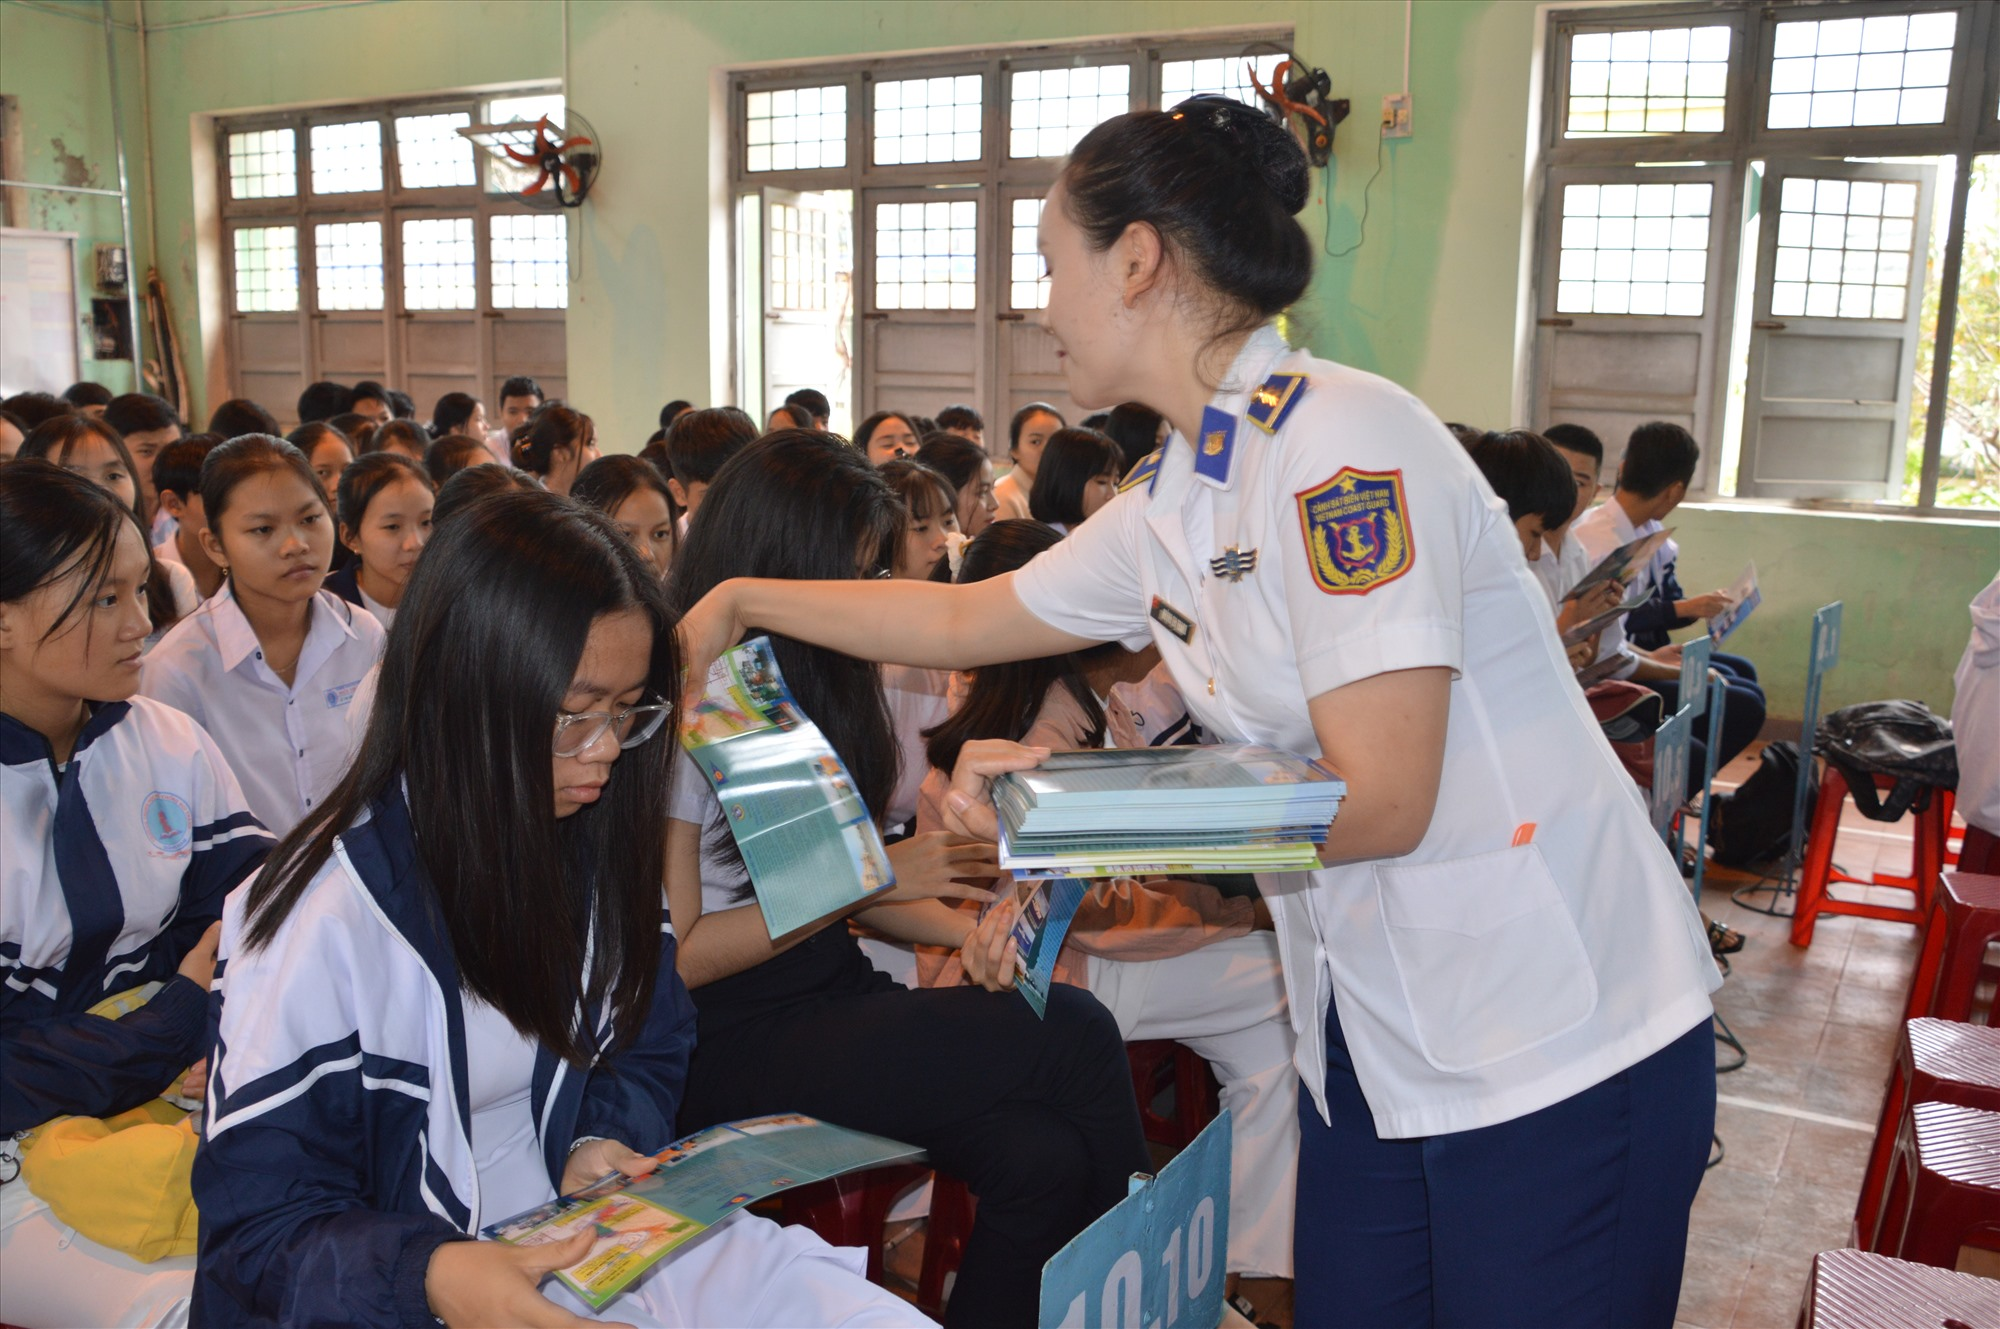 Phát tờ rơi tuyên truyền cho các em học sinh tại lễ phát động cuộc thi. Ảnh: N.T